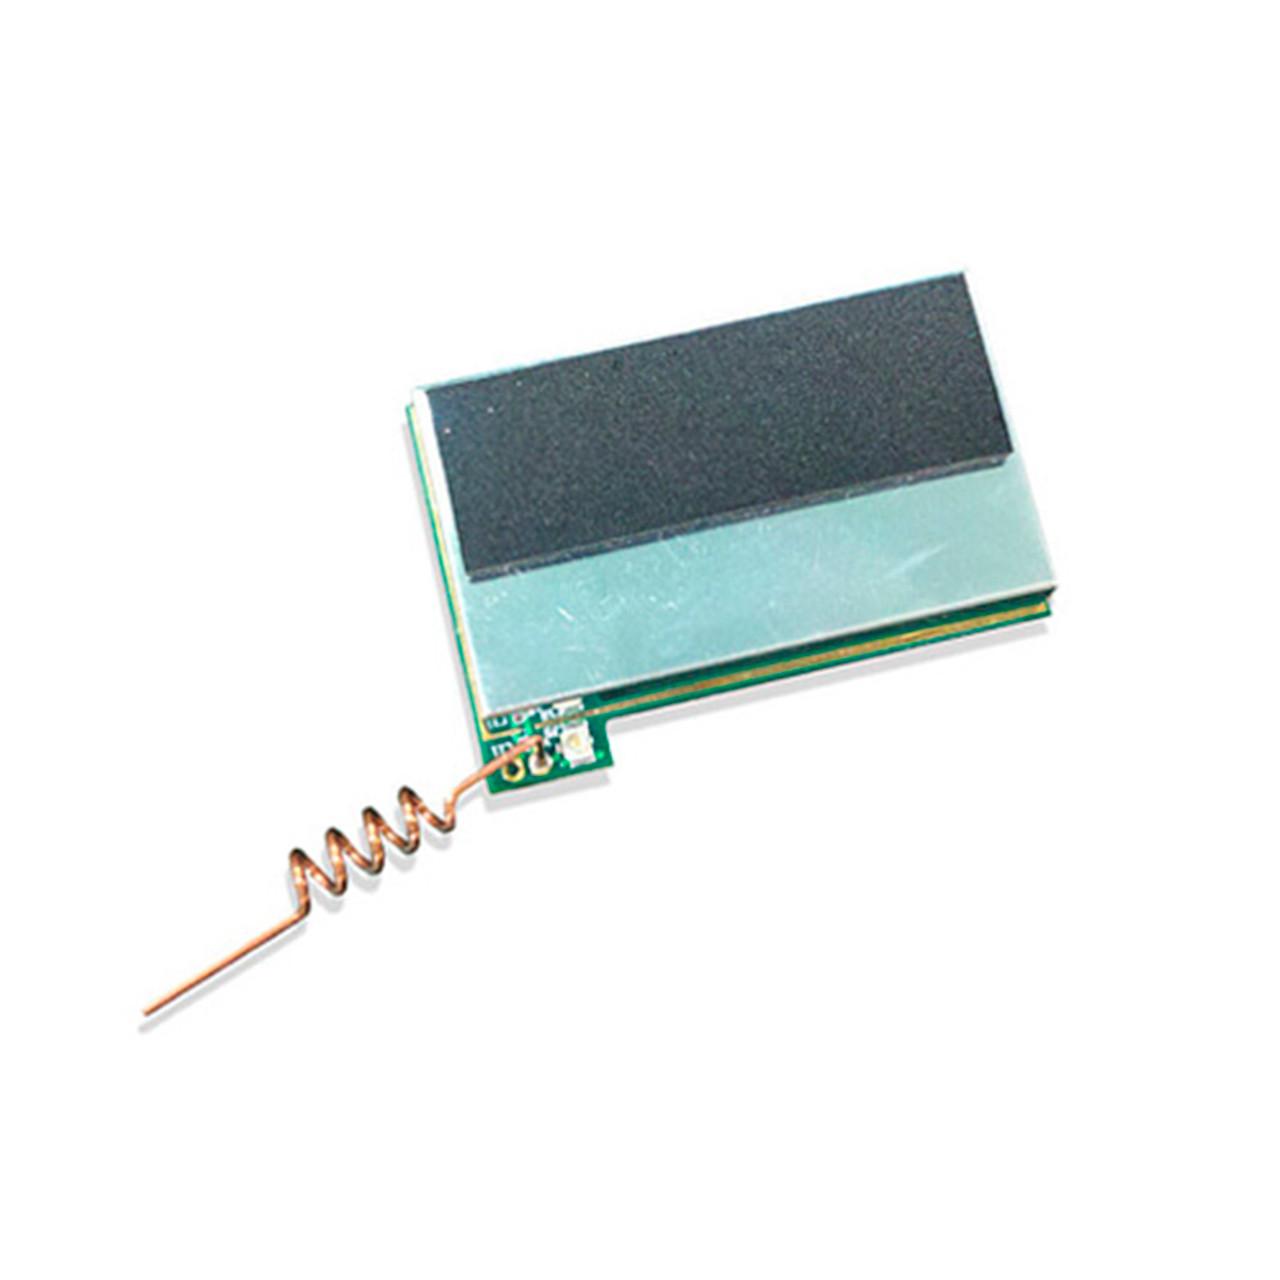 2gig XCVR2 900MHz Transceiver for TS1 White